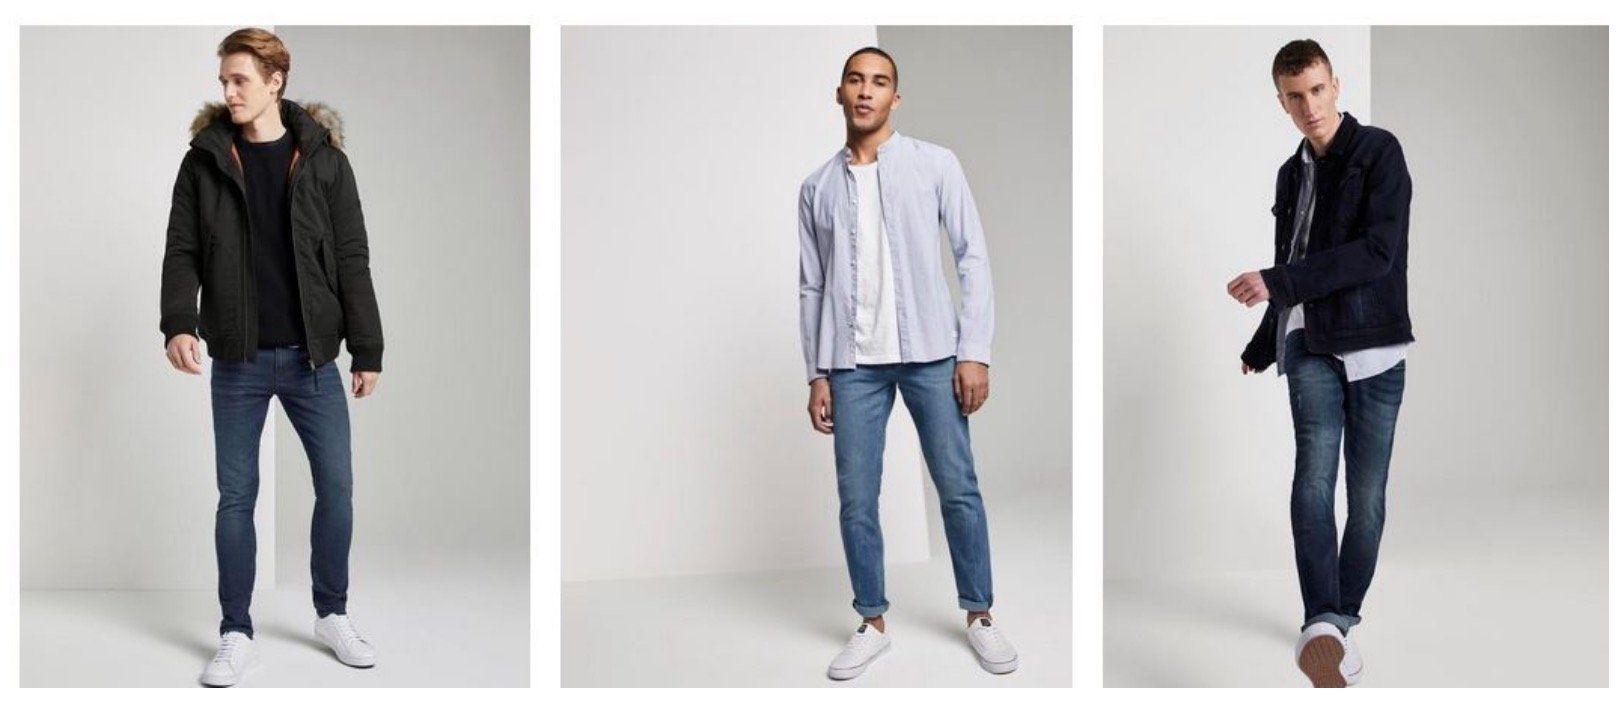 Tom Tailor Hosen & Jeans Sale bis Mitternacht: 30% Rabatt auch auf Sale (MBW 24€)